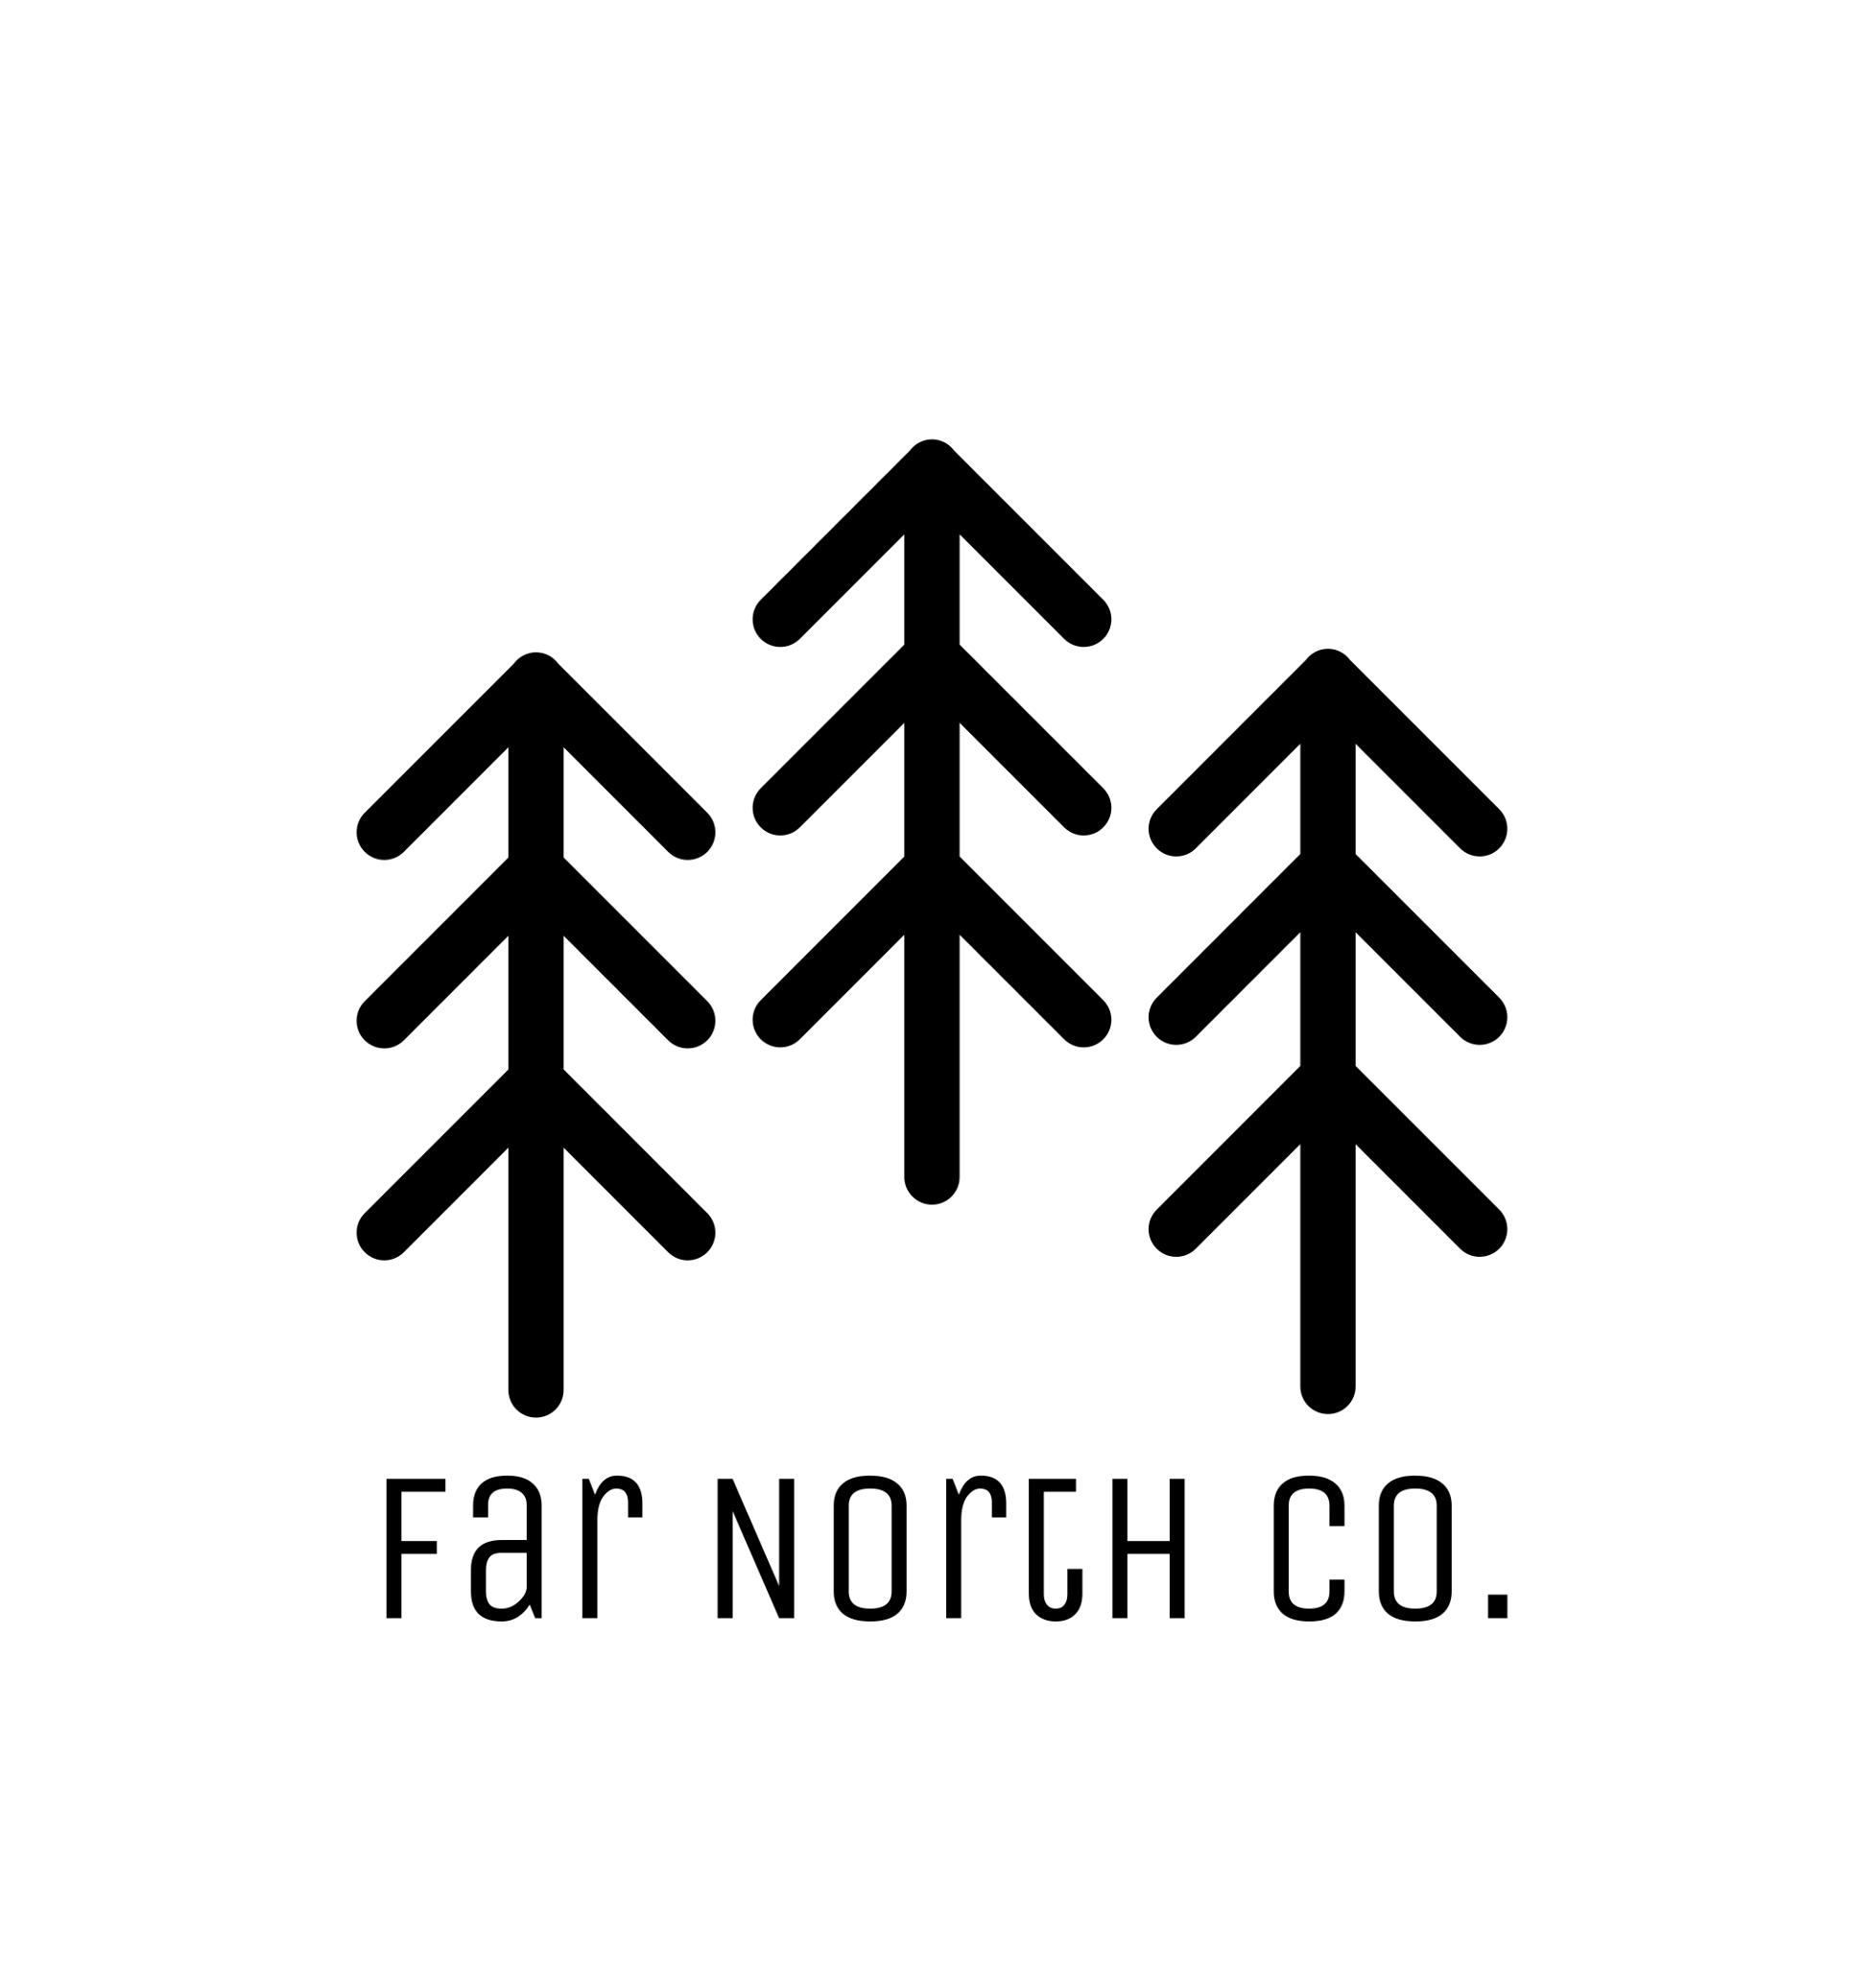 far north co